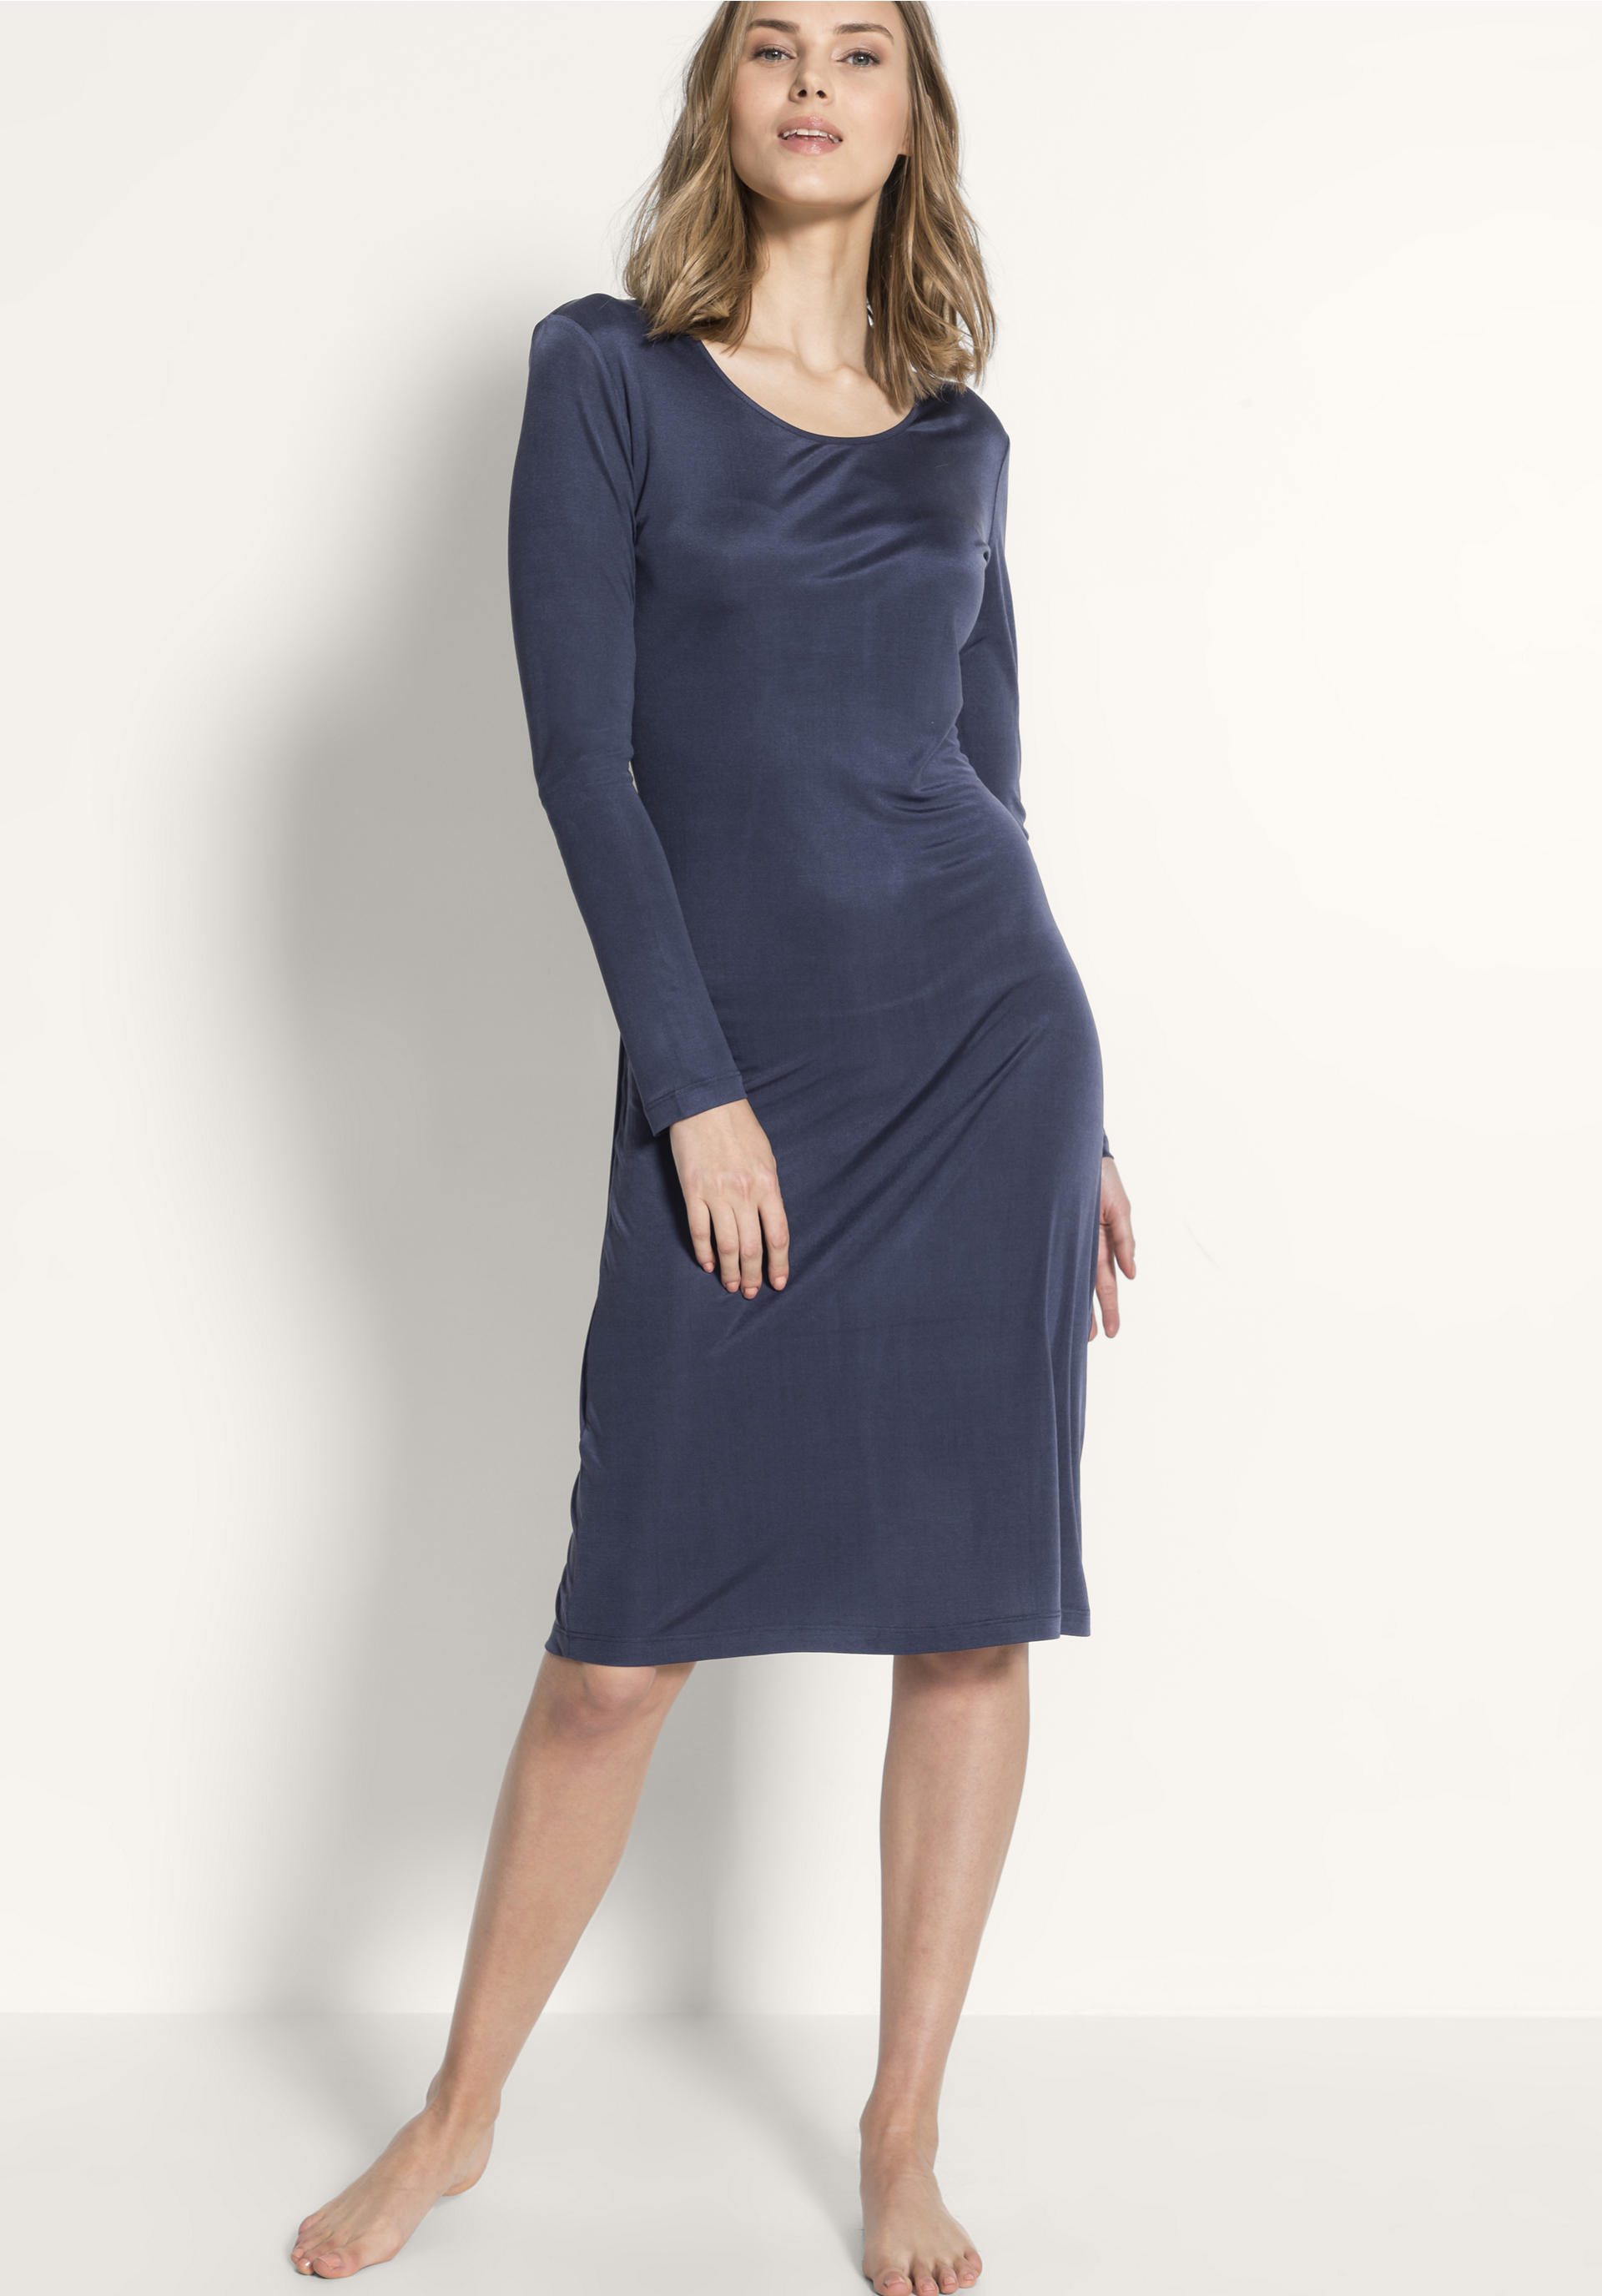 factory price a812a 9a623 Damen Nachthemd aus reiner Bio-Seide von hessnatur